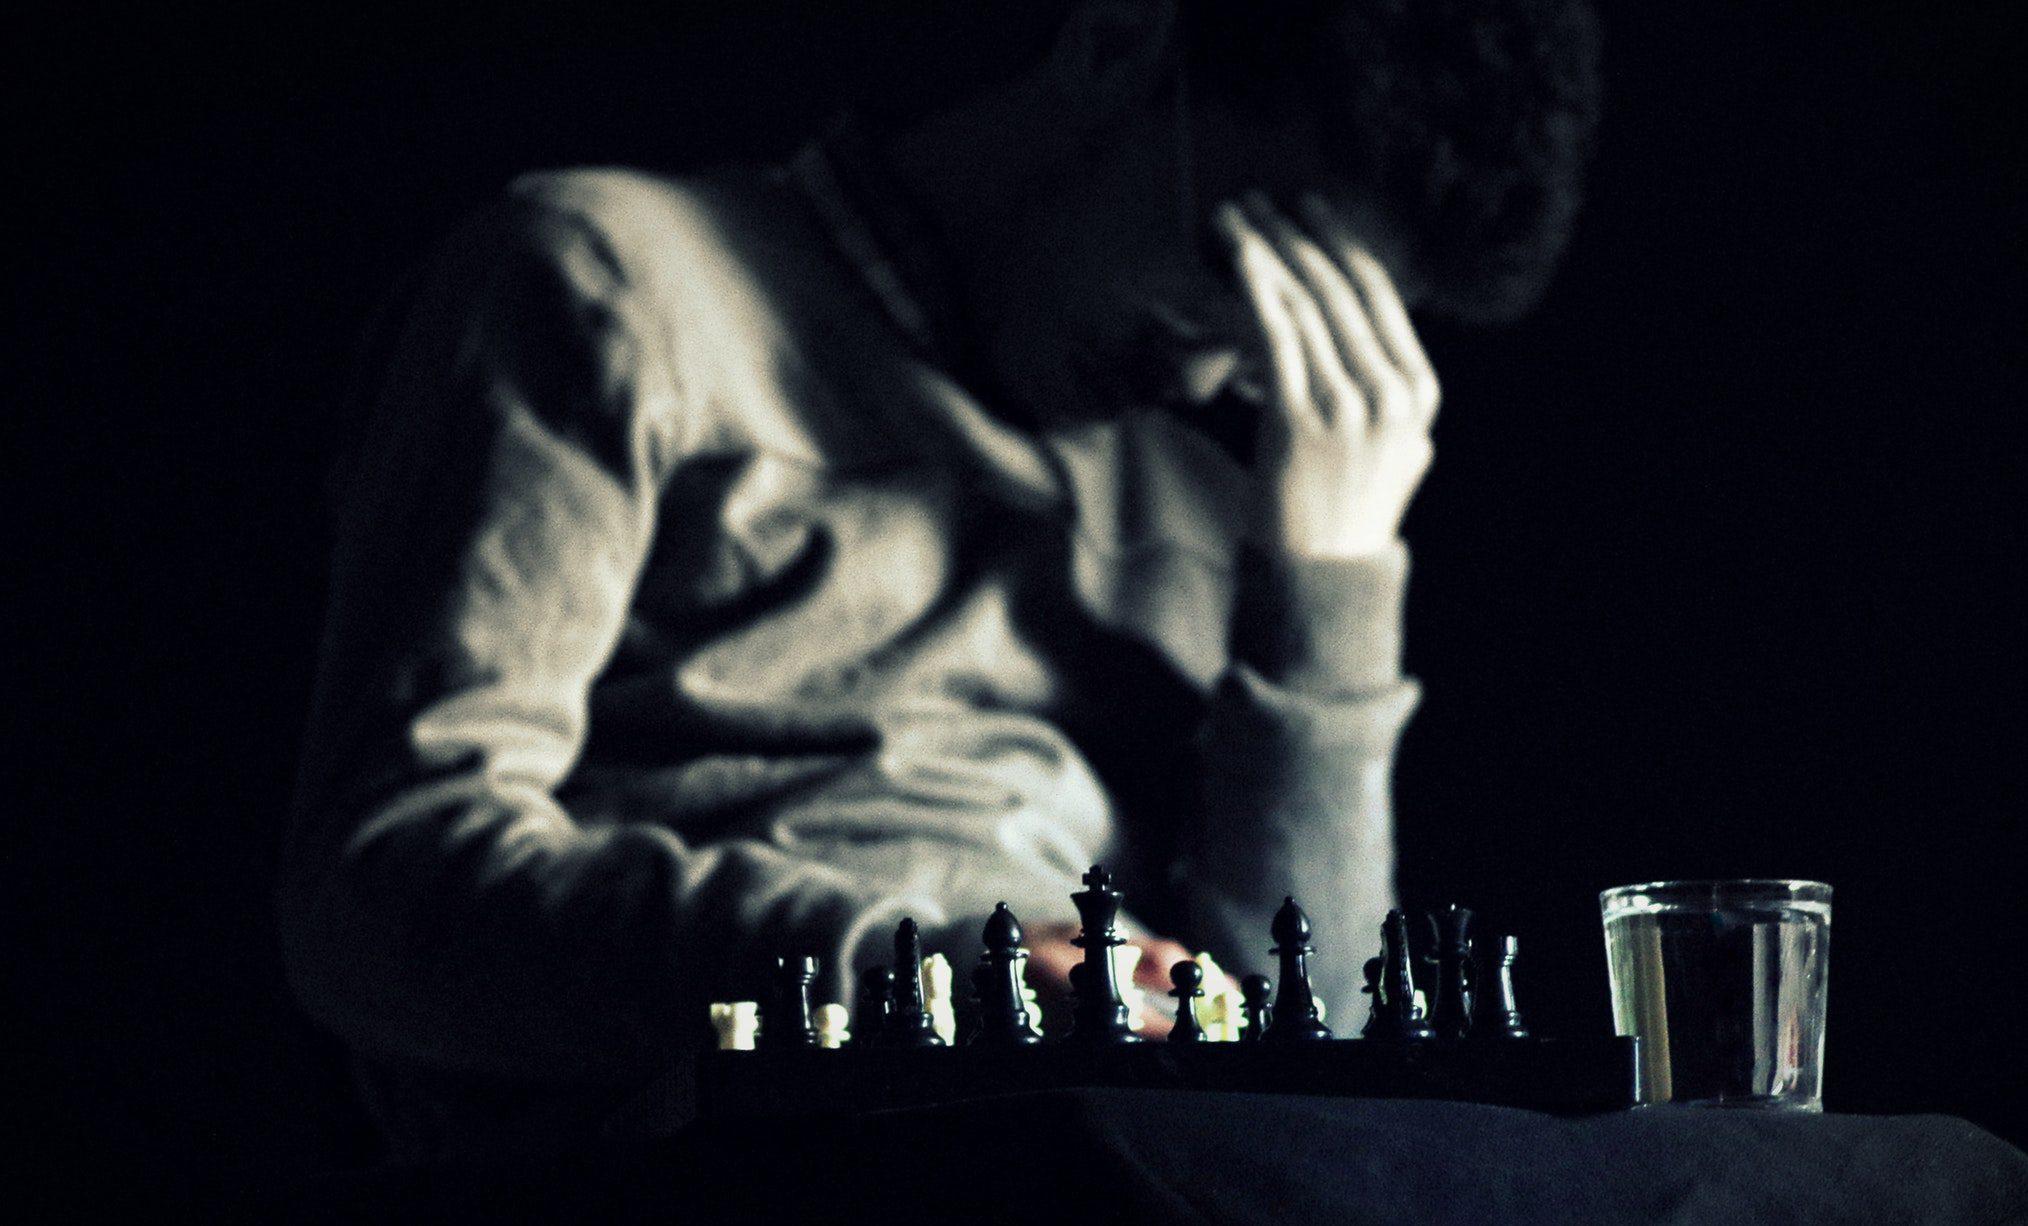 وقتی همه در حال شطرنجبازی با خودمان هستیم